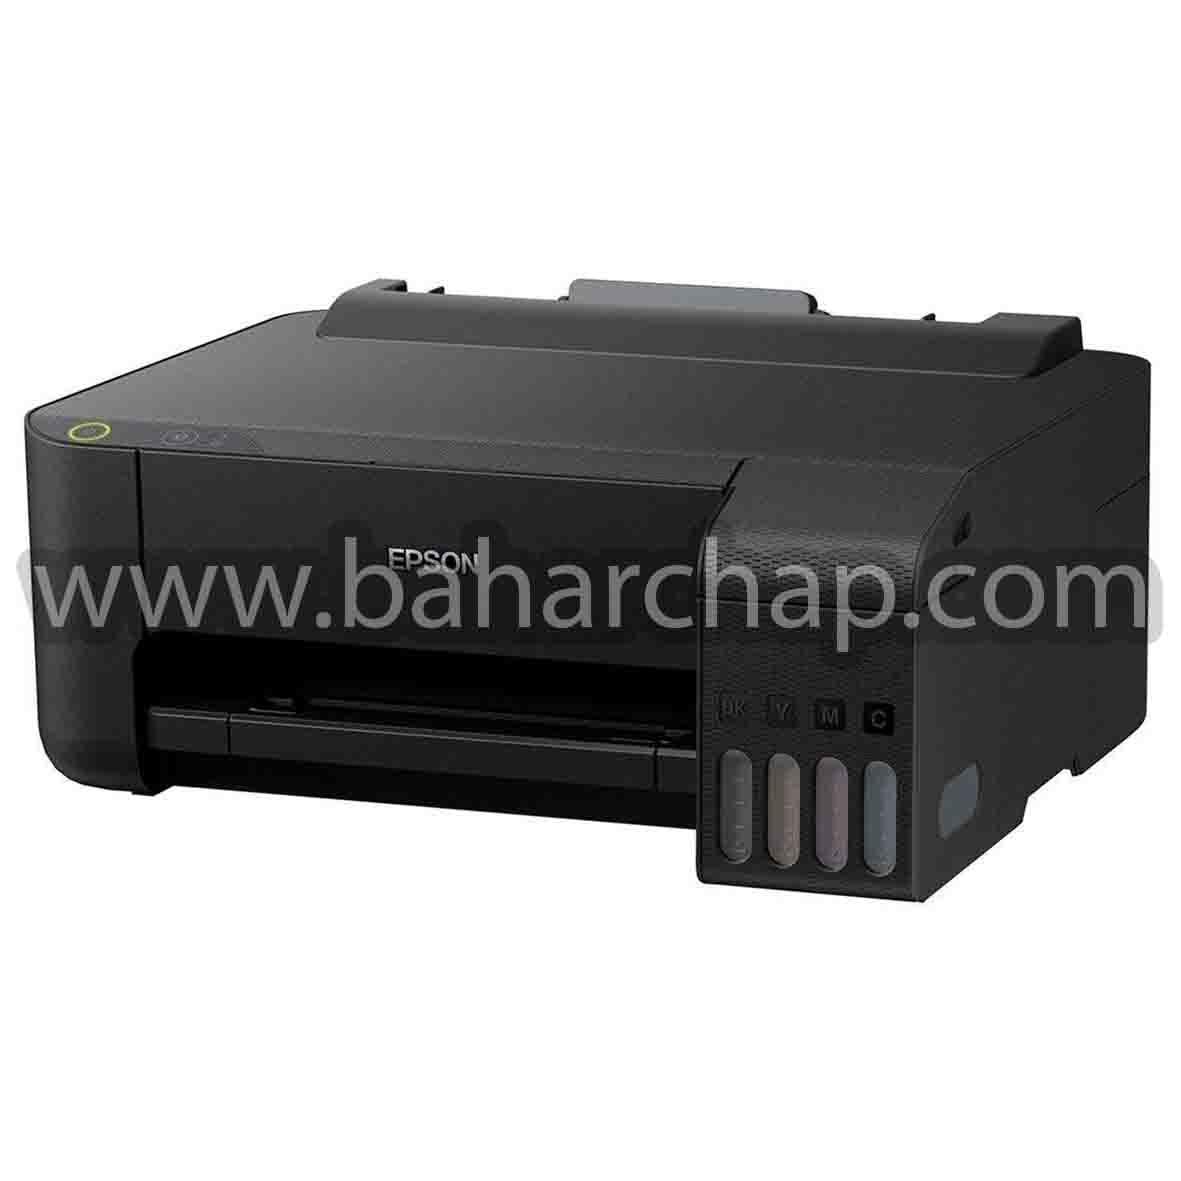 فروشگاه و خدمات اینترنتی بهارچاپ اصفهان-نرم افزار ریست پرینتر اپسون L1110-Epson Adjustment program L1110